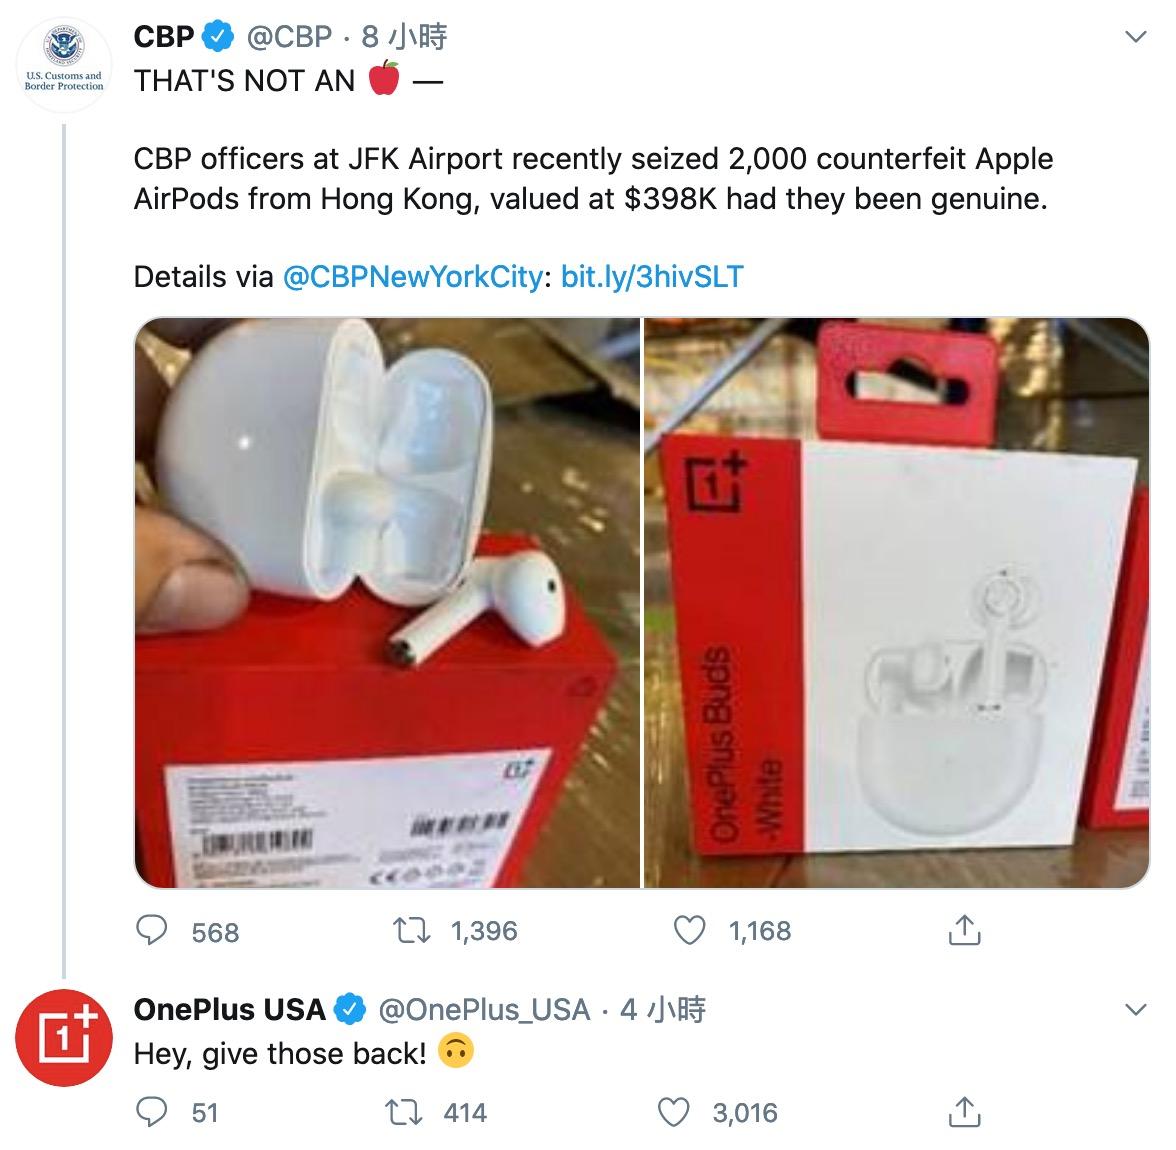 2000台OnePlus Buds耳机被美国海关当作山寨AirPods查封